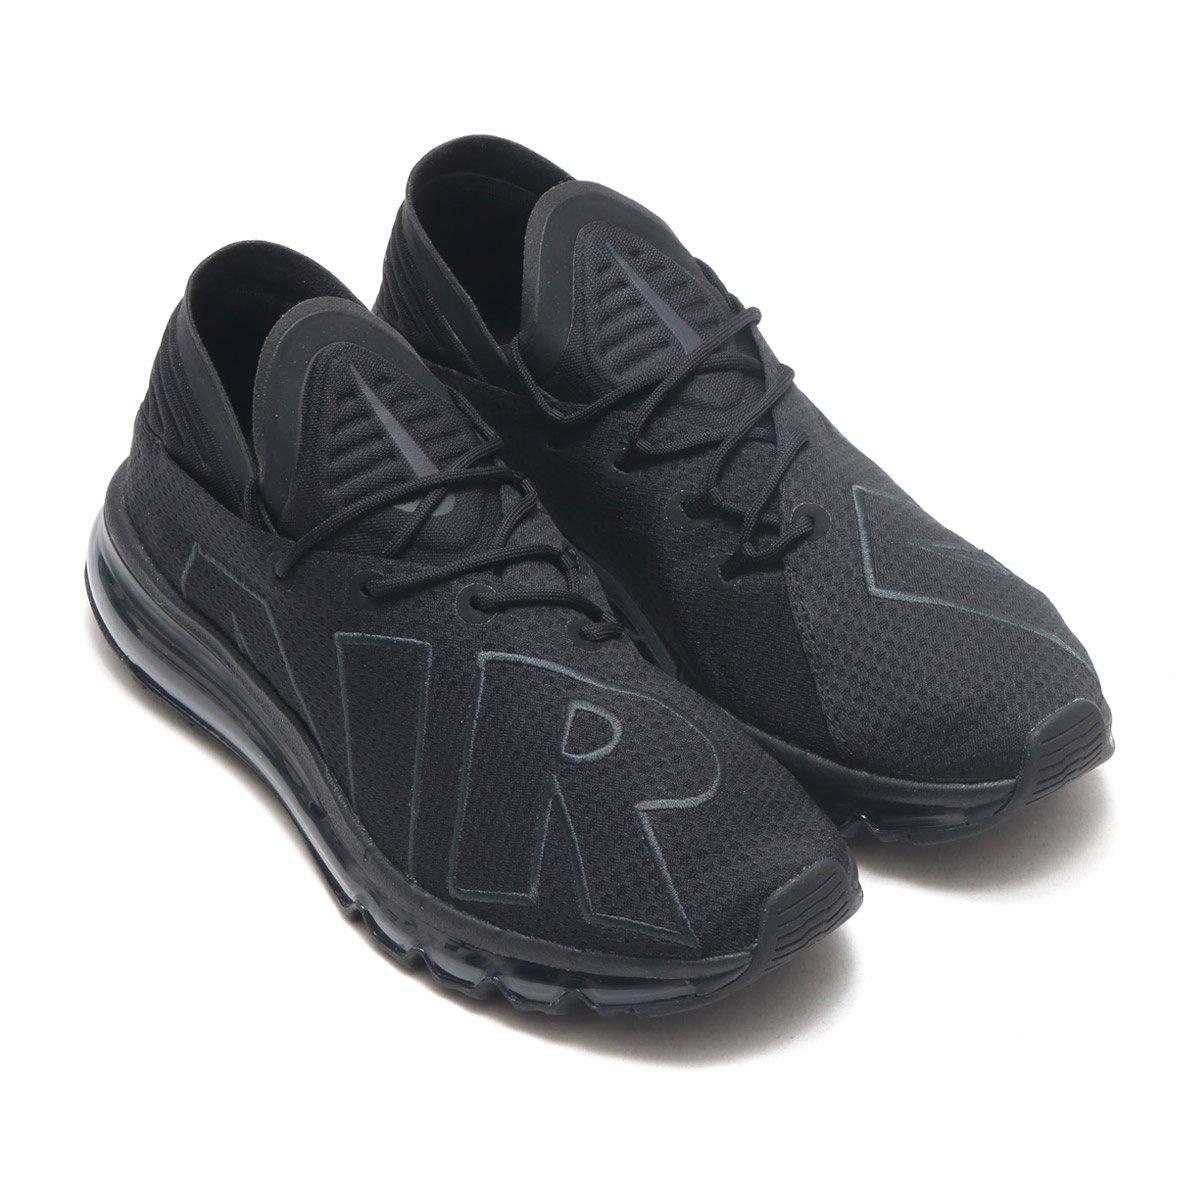 日本国内正規品 Nike ナイキ エア マックス フレア[AIR MAX FLAIR] ブラック/アンスラサイト 942236-002 B0776LZ4HK 27.0cm